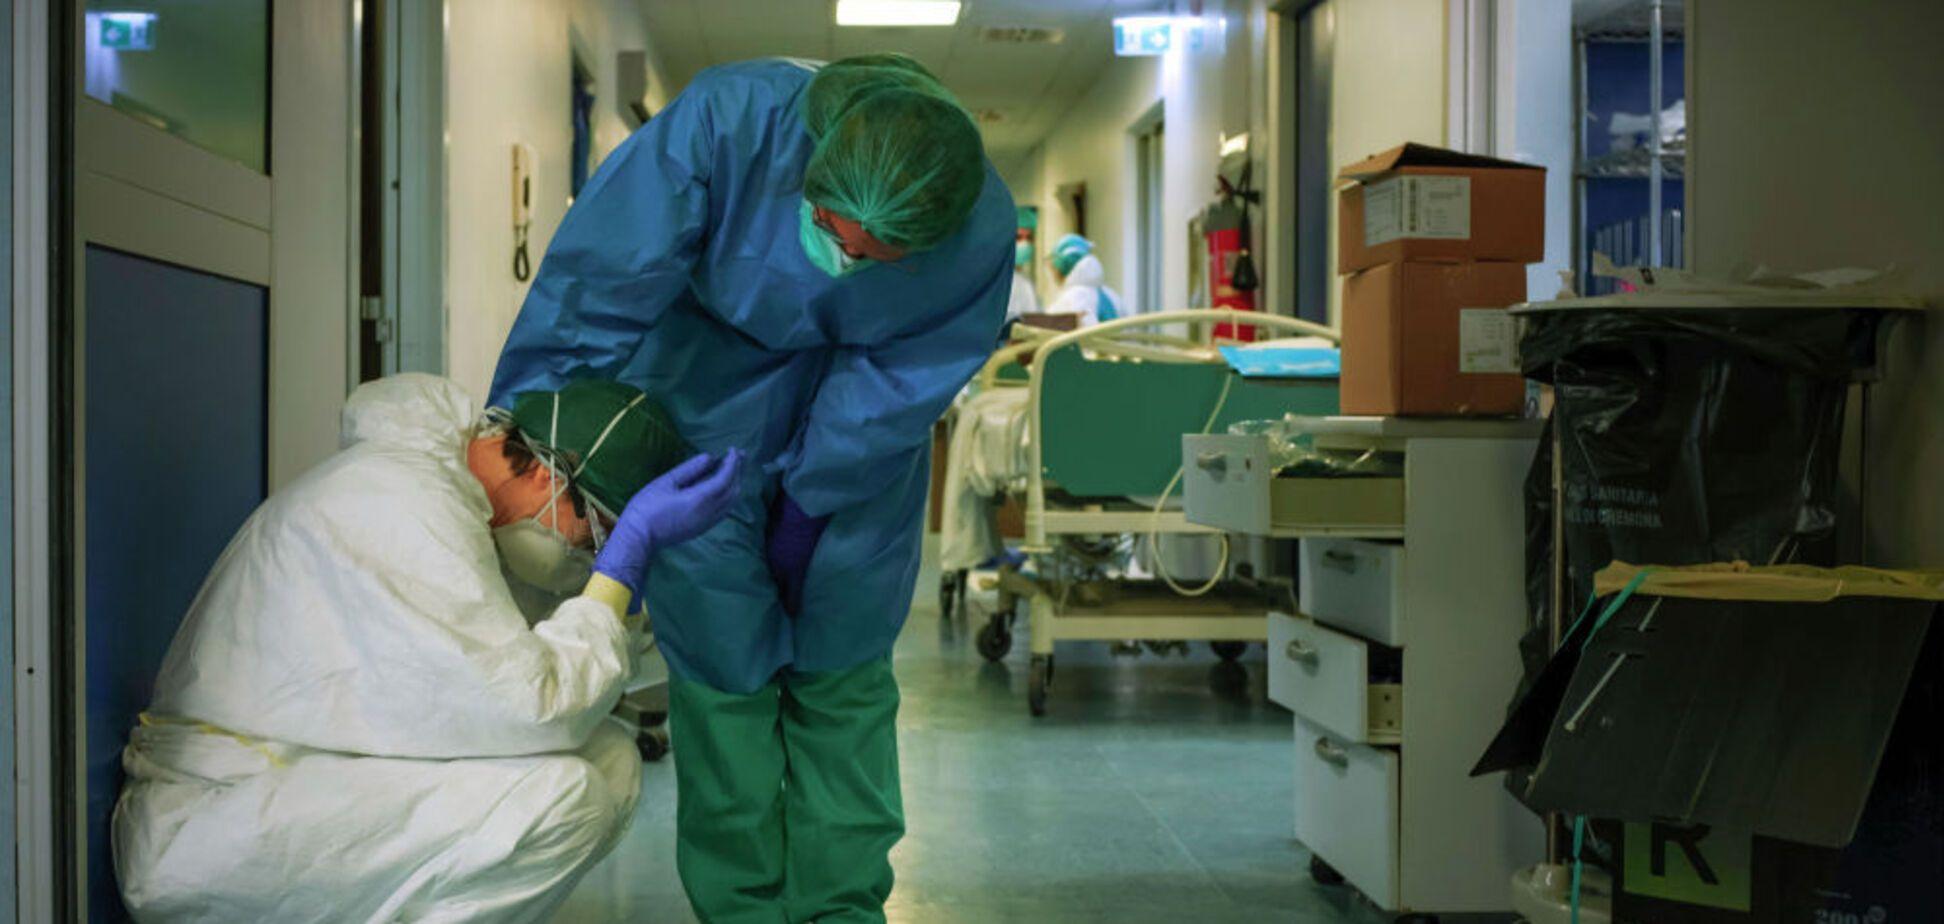 Работа за копейки: обещанного повышения зарплат врачам не будет